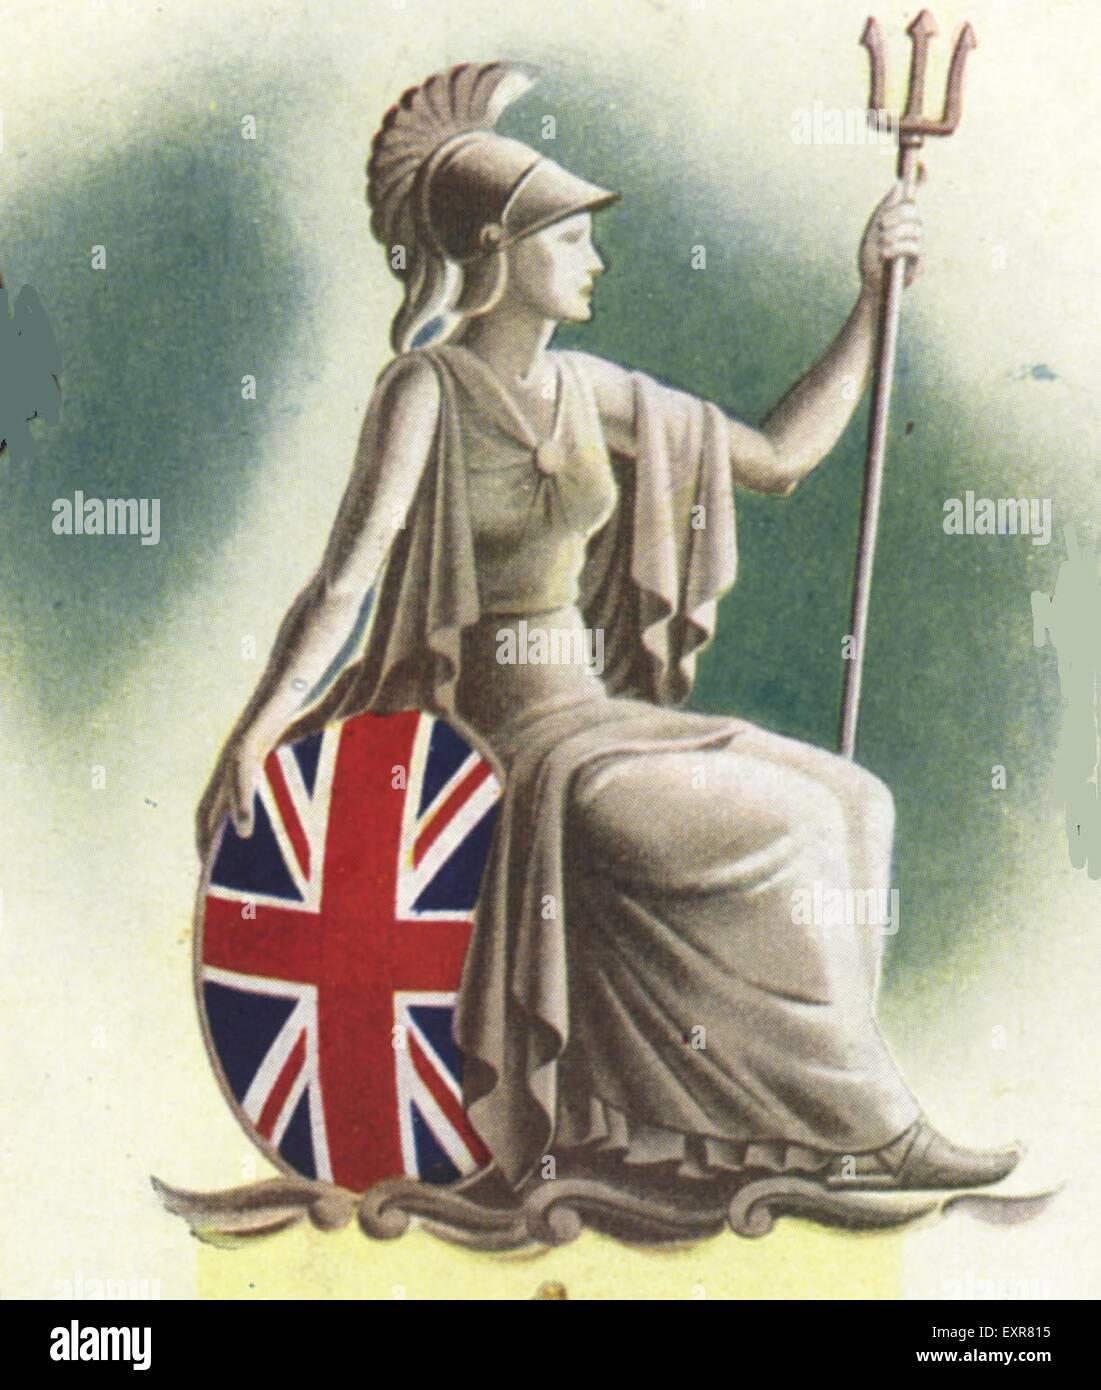 1950S UK Britannia piastra del magazzino Immagini Stock